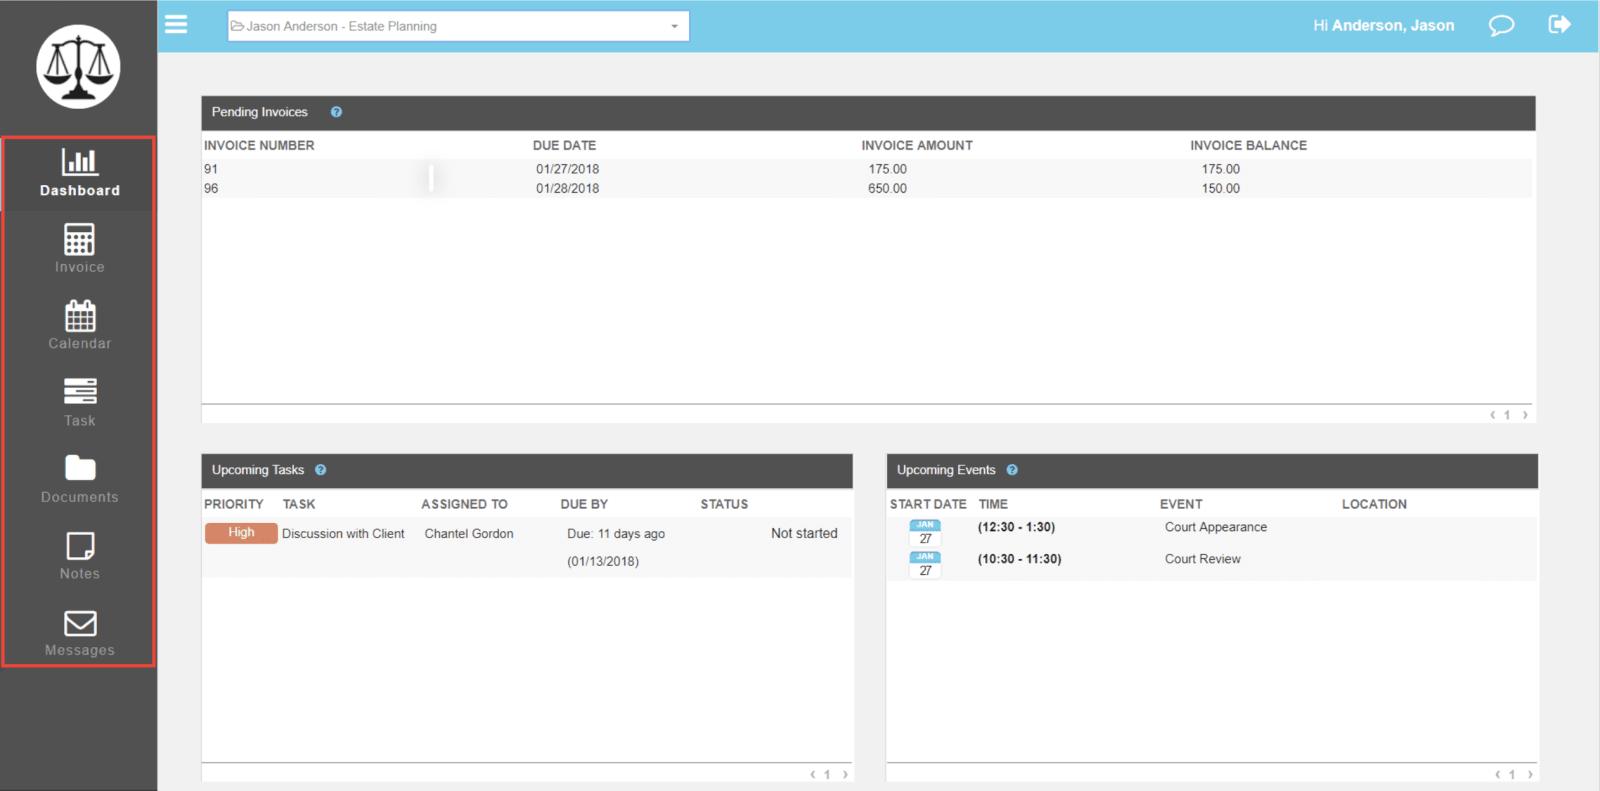 cosmolex online client portal image